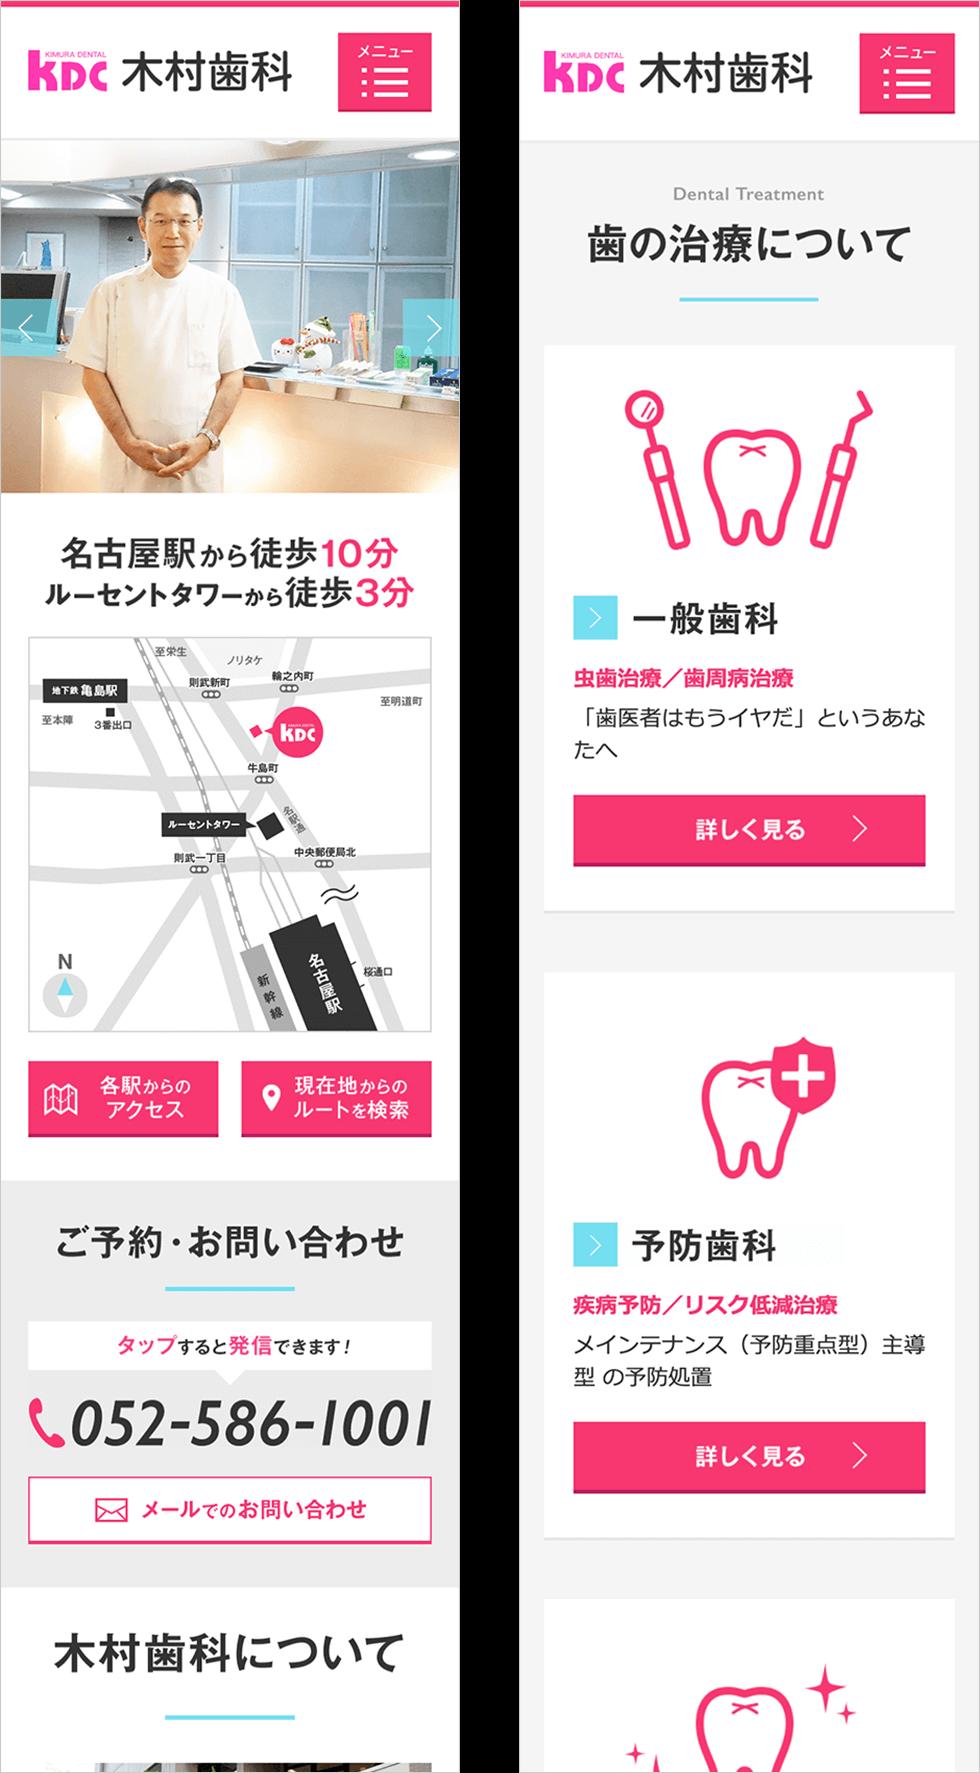 木村歯科のSPトップページ画像